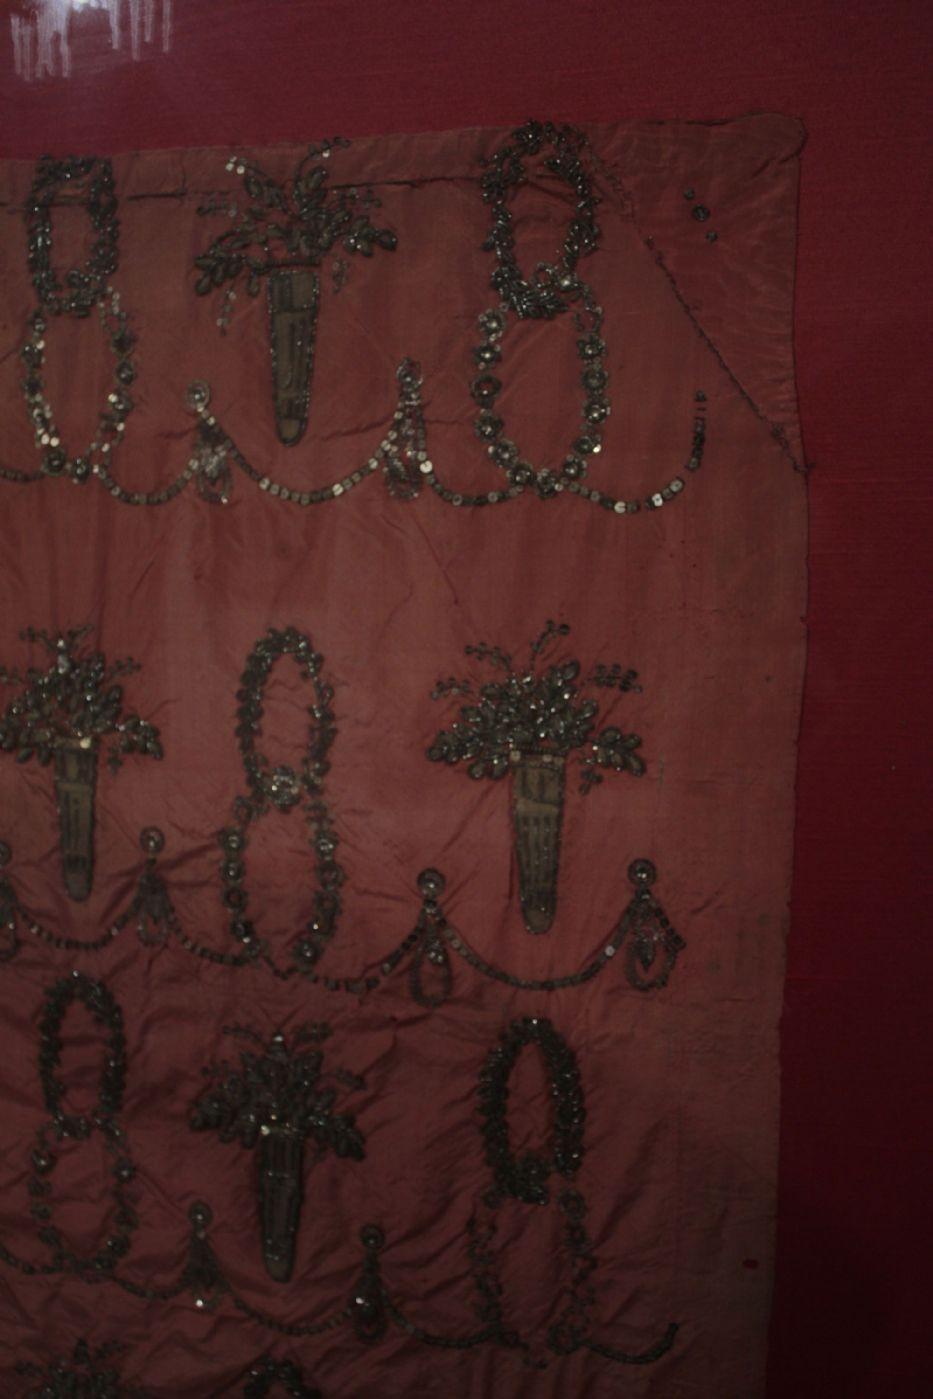 thumb2|Pannello Ricamato con filo d'argento